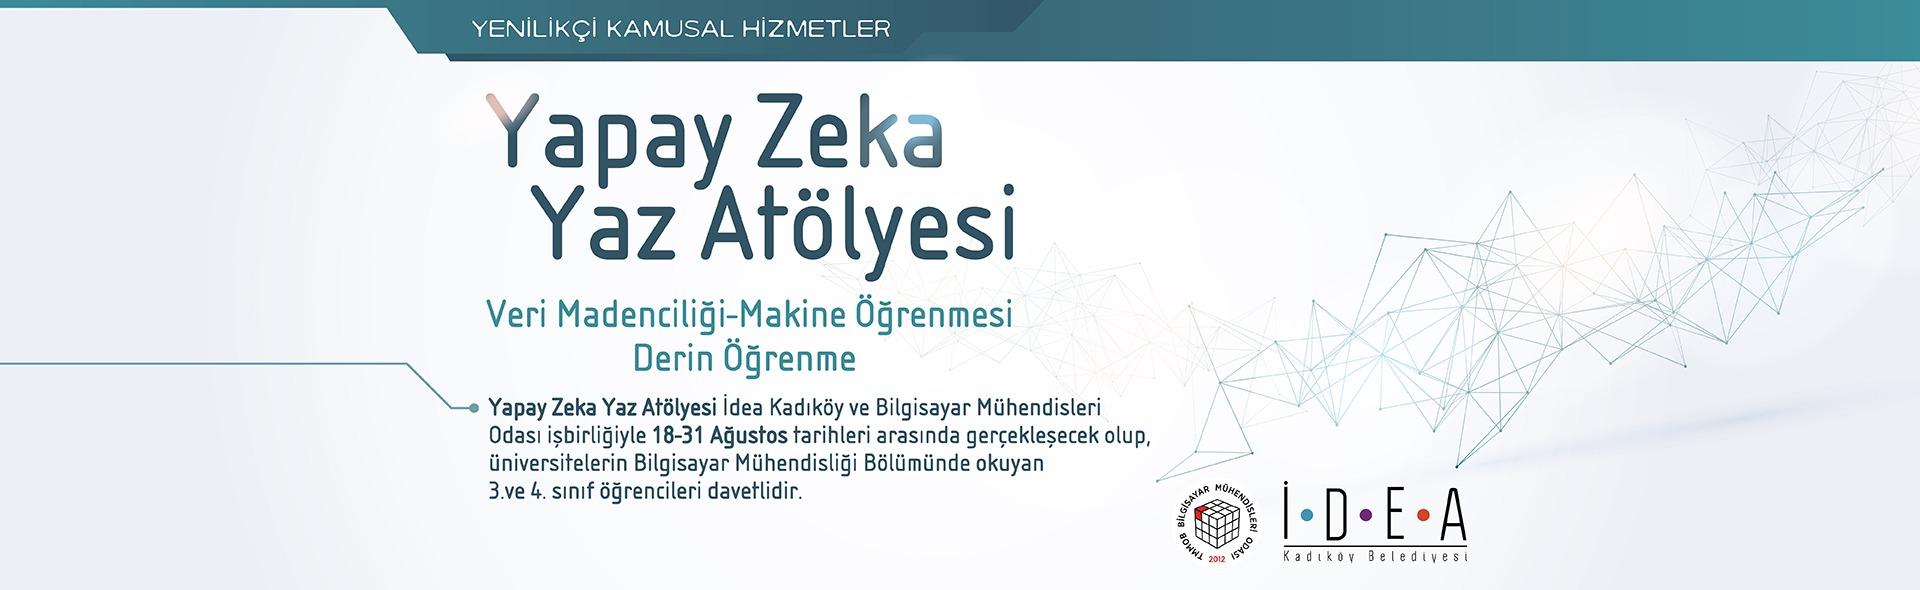 IDEA_YAZ_ATOLYESI_TEMMUZ_2019_1920x590pxl